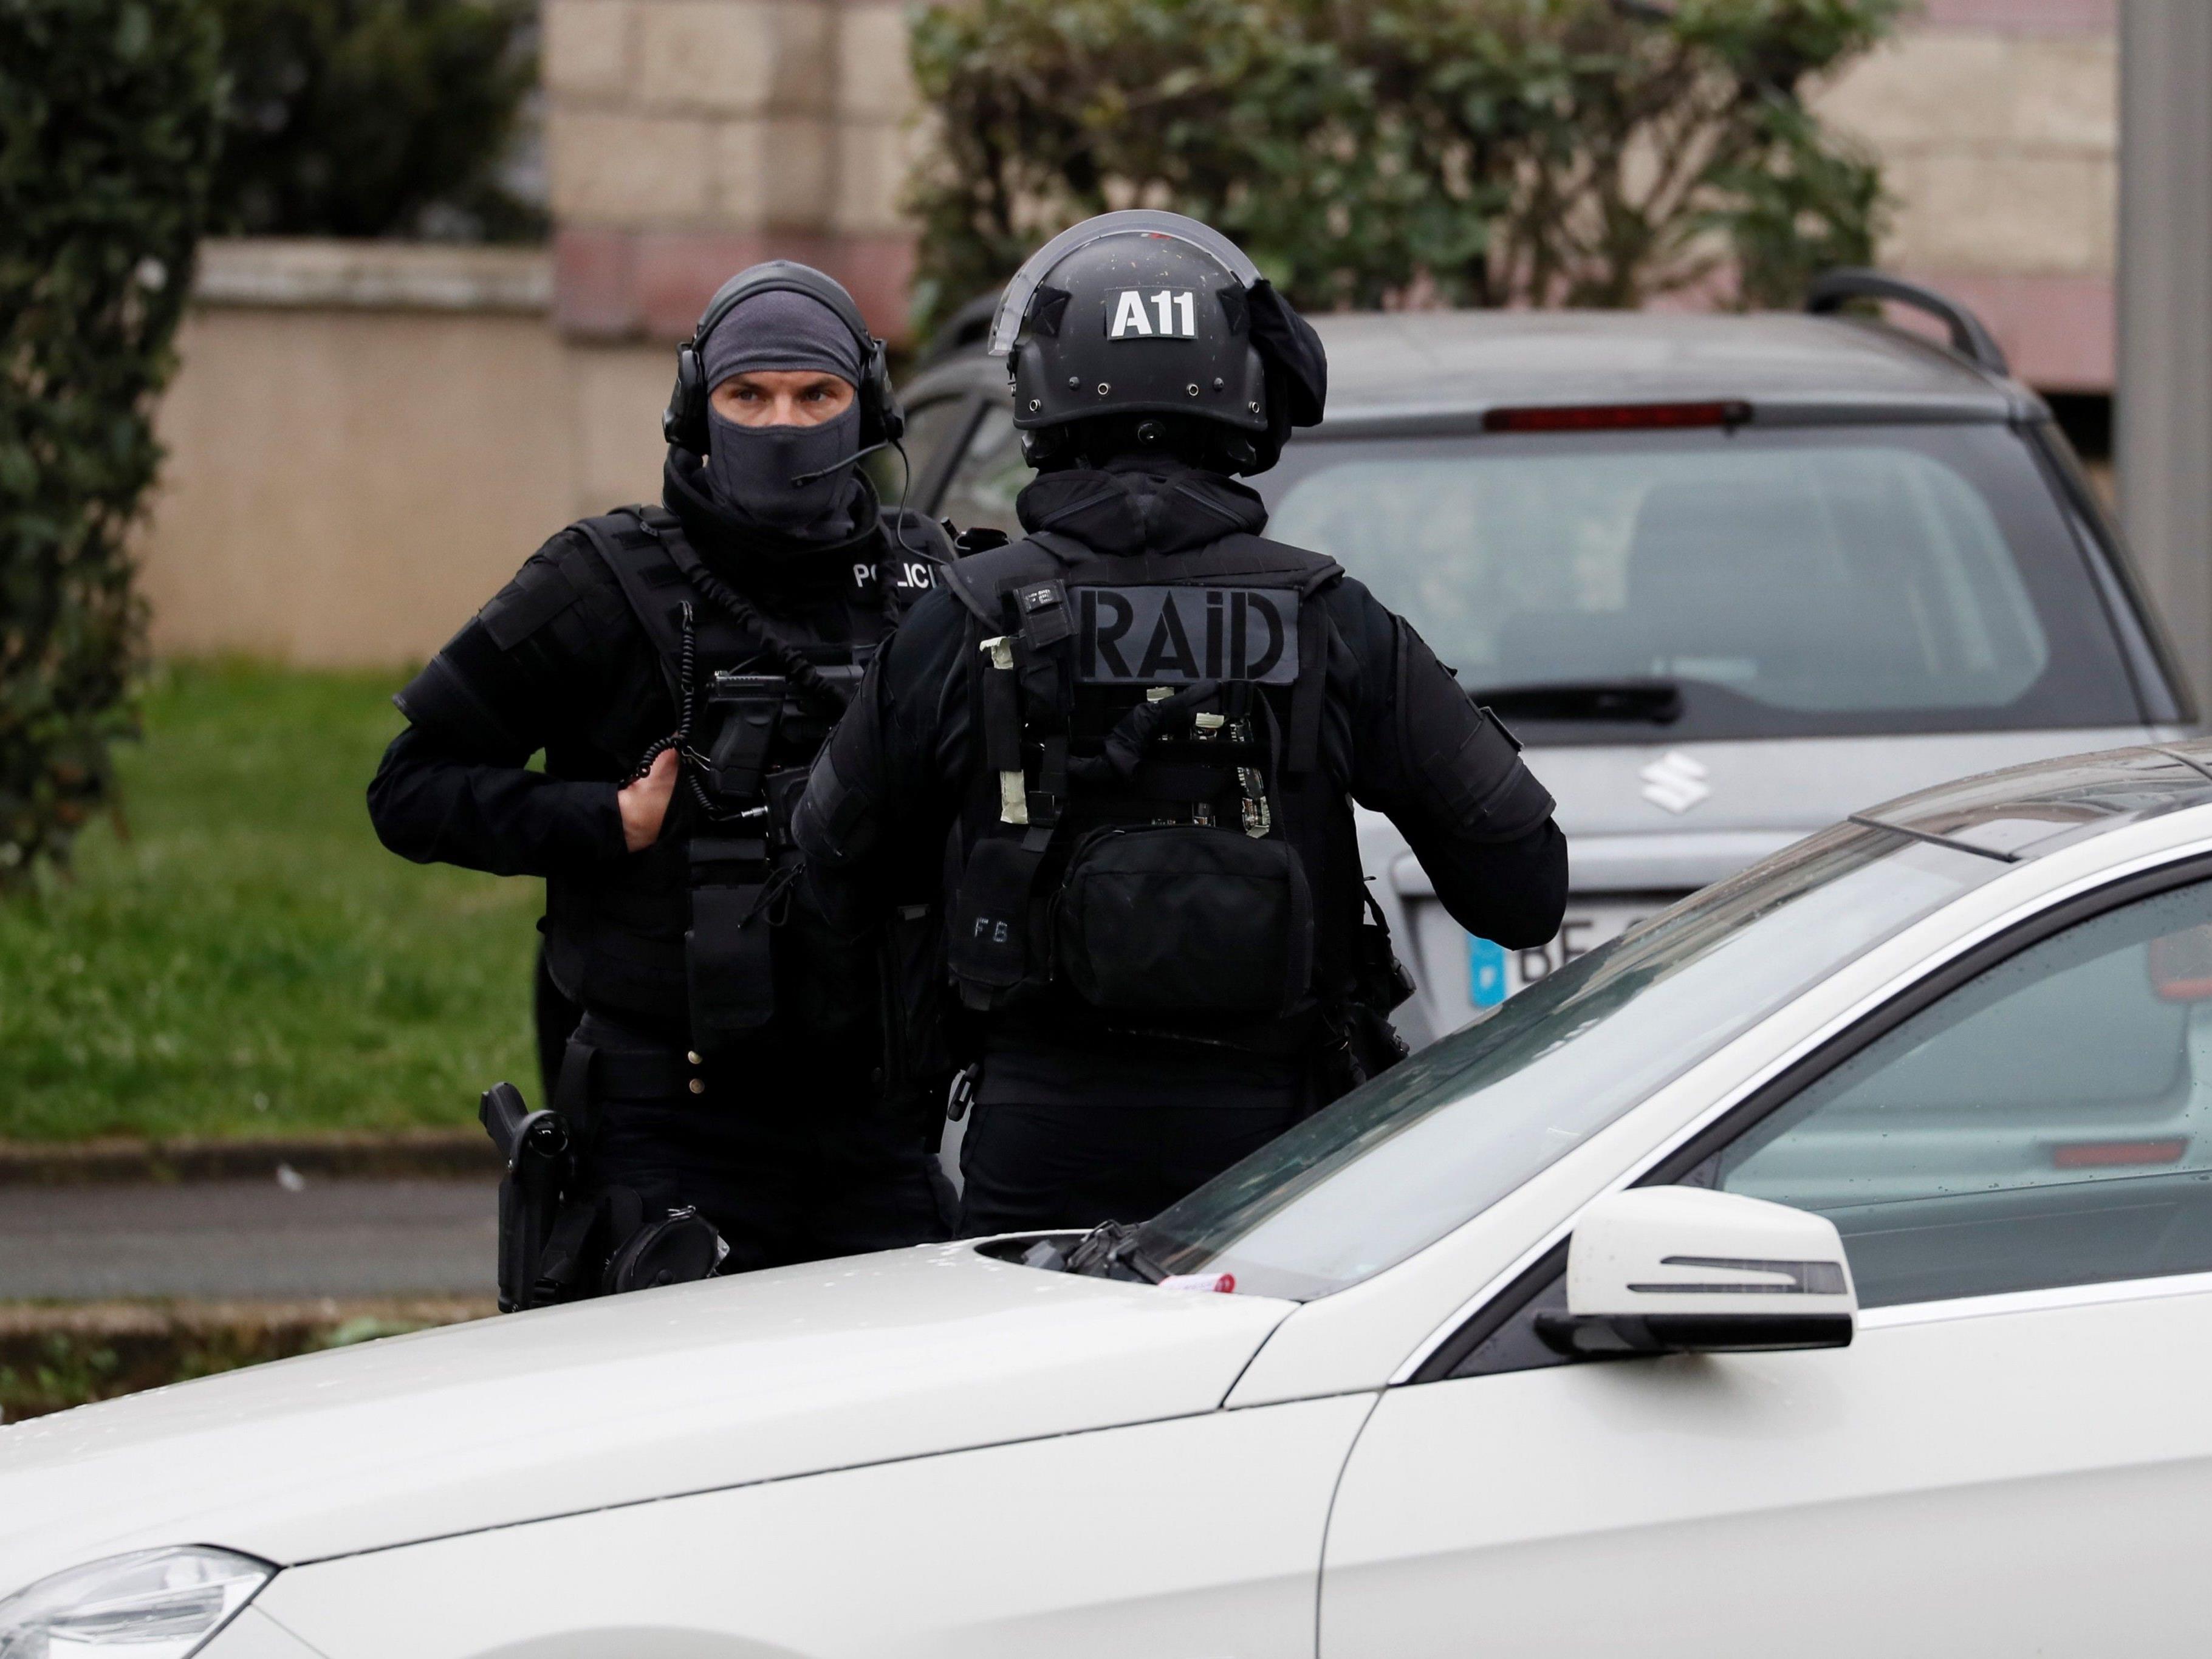 Frankreich befindet sich nach einer Reihe von Terrorattacken immer noch im Ausnahmezustand.